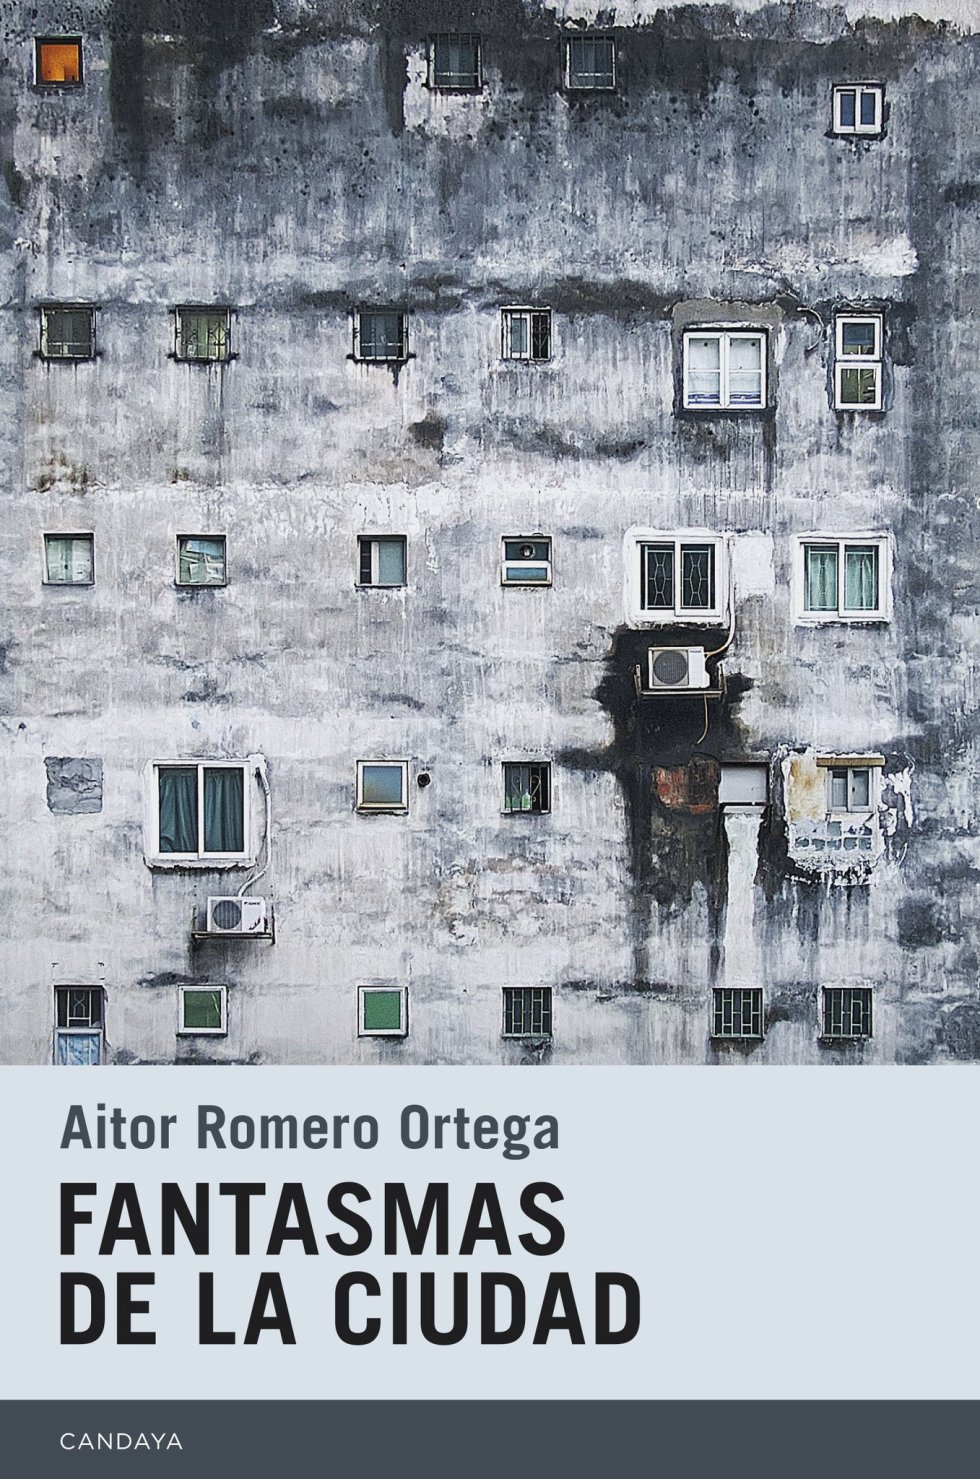 """""""Soy el fantasma de Gracia"""", dice en el prólogo de este libro Aitor Romero Ortega (Barcelona, 1985), un autor muy joven que muestra ya una voz muy potente, y ser el fantasma de un barrio justifica el dominio narrativo que ejerce sobre el resto de Barcelona, presente en casi todos los cuentos de 'Fantasmas de la ciudad', porque si el protagonista no vive en la ciudad, pasa por ella en algún momento, y cuando no se nos dice de qué ciudad se trata el contexto permite deducirlo. Este dominio se traslada con naturalidad al ámbito de otras ciudades, París, Roma, Madrid, México, Buenos Aires, Grenoble, y así viajando de ciudad en ciudad contemplamos a los personajes de ese magnífico conjunto de relatos."""